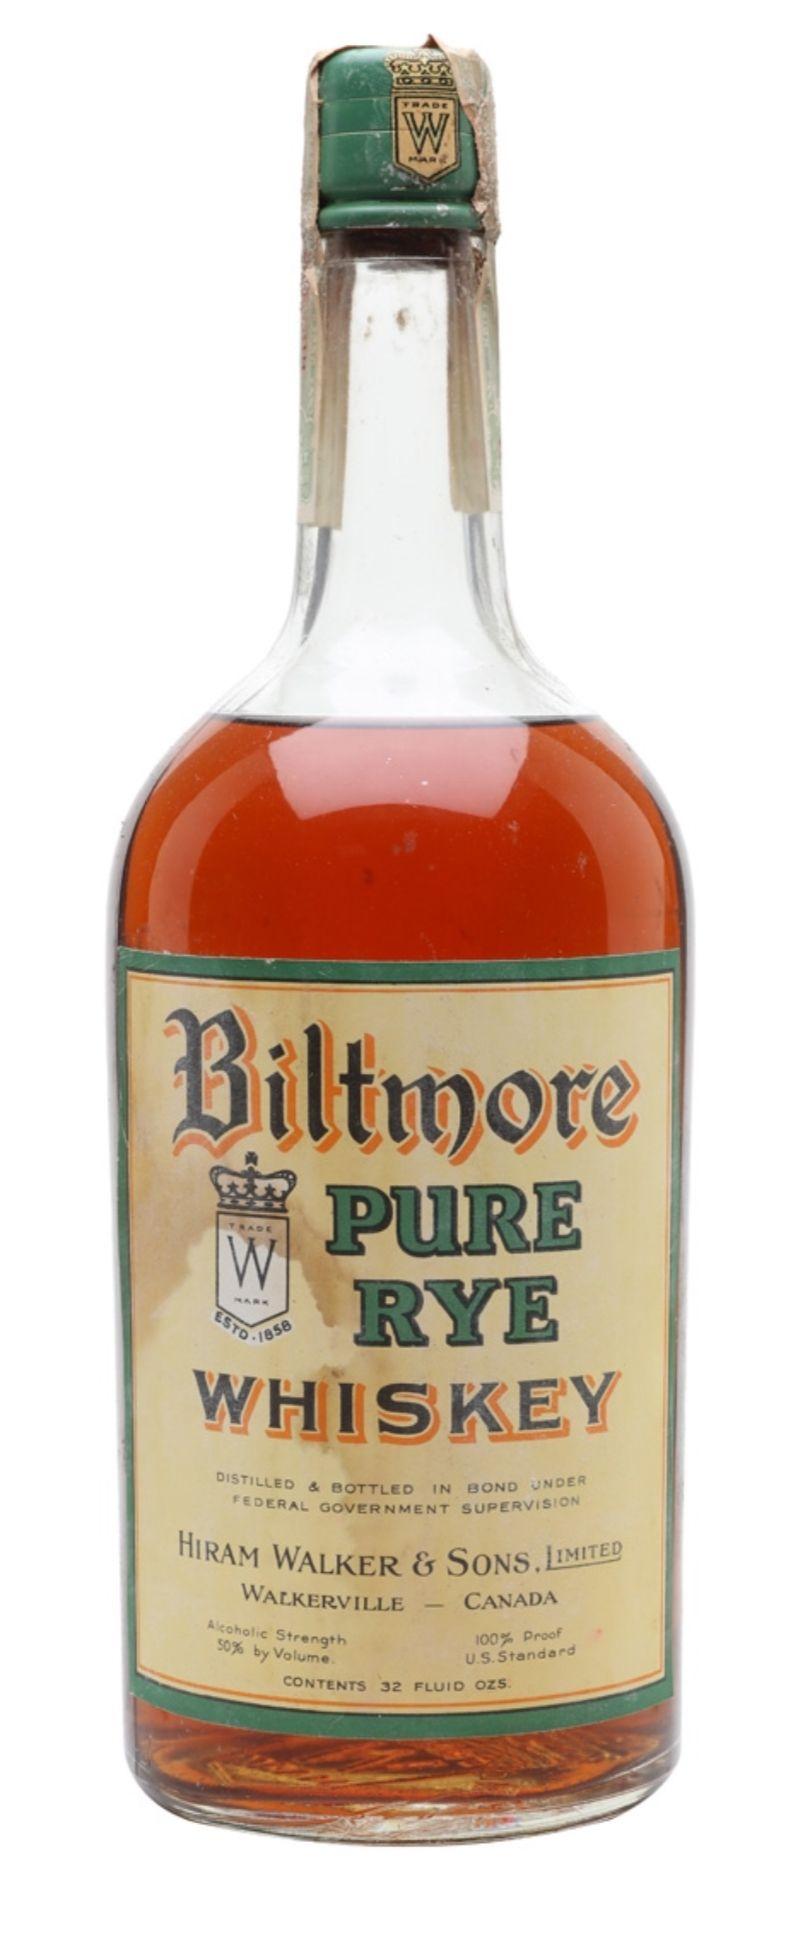 Biltmore Pure Rye Whiskey Bot 1920s Hiram Walker Canada Whiskey Brandy Bottle Liquor Bottles